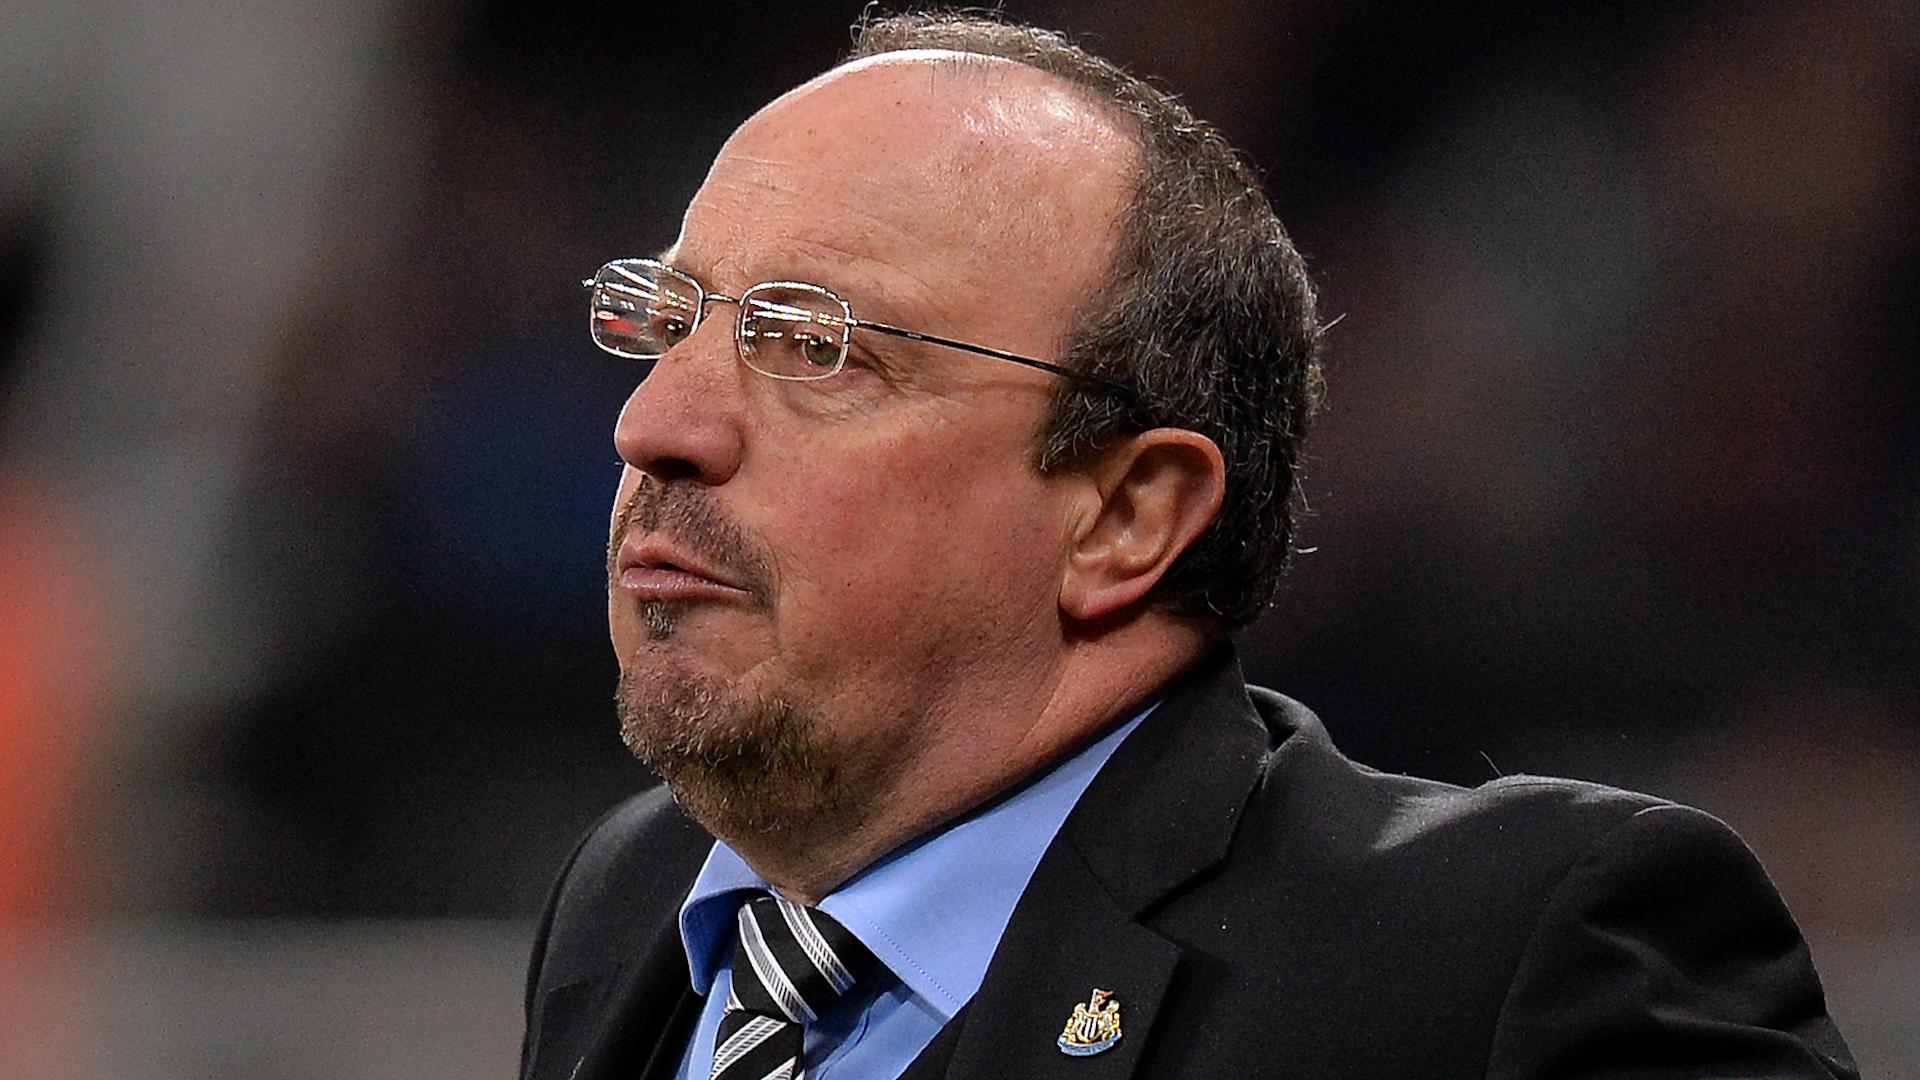 Newcastle 0-1 Brighton: Rafael Benitez disappointed Newcastle didn't take their chances